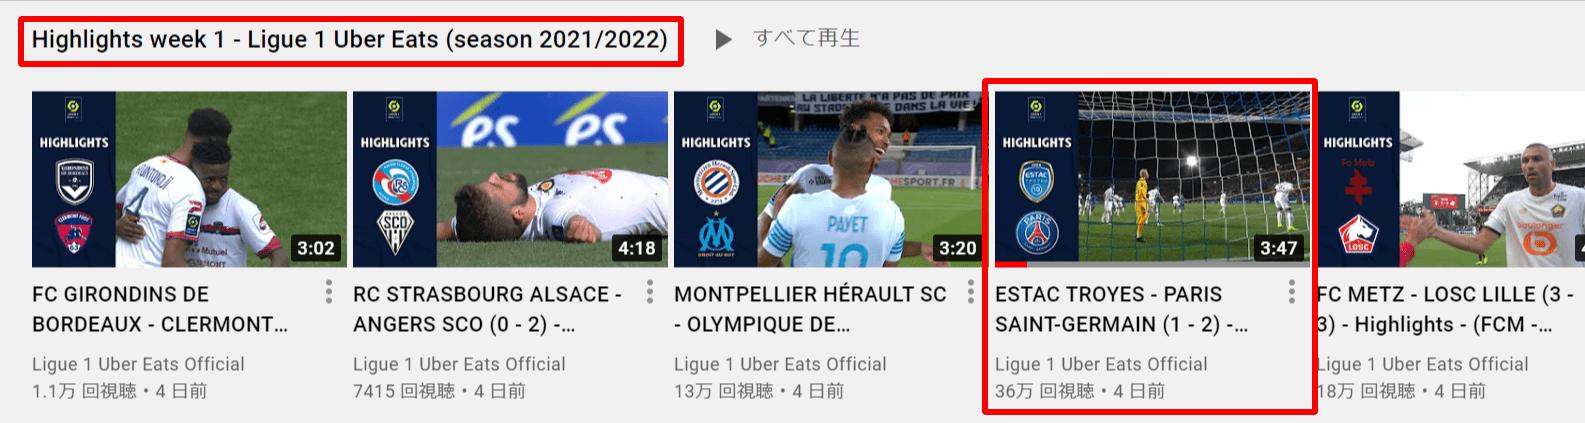 リーグアン公式YouTube_weeklyハイライト配信 (1)